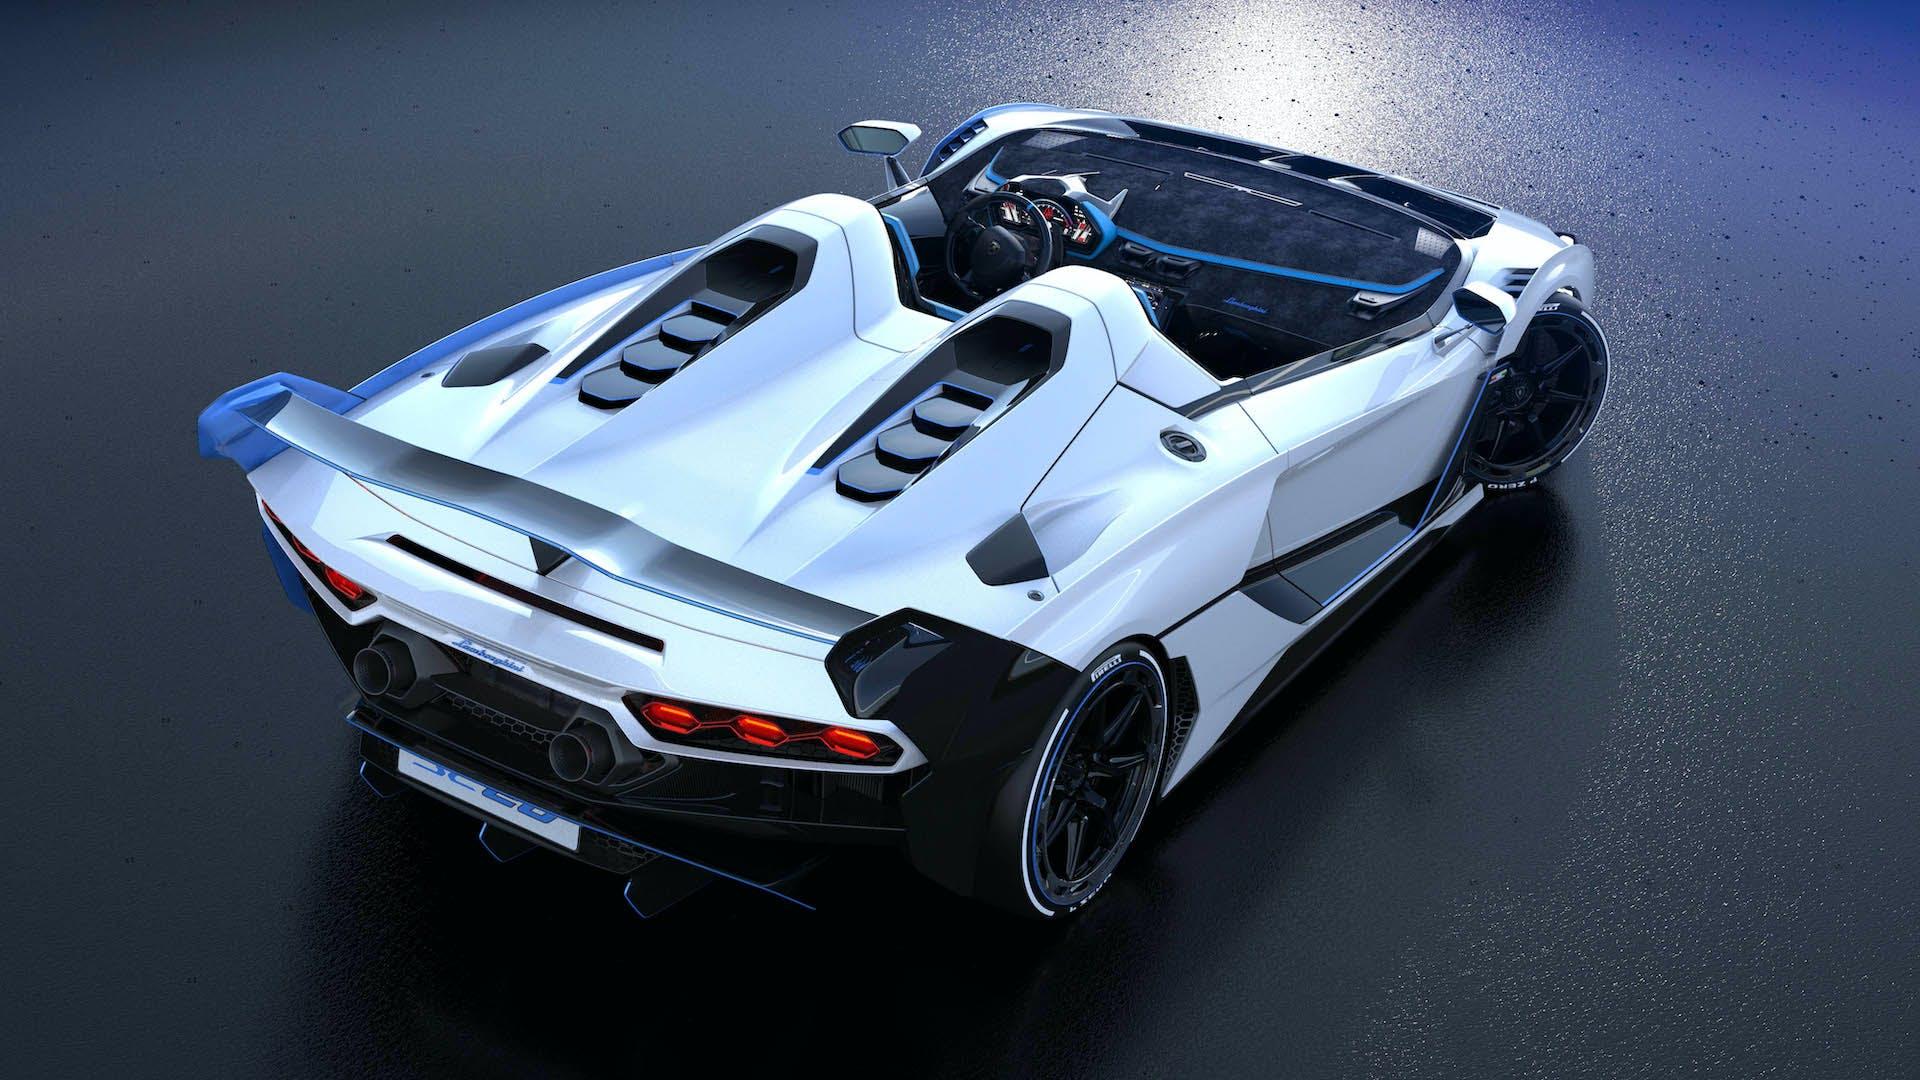 Lamborghini SC20 vista posteriore dall'alto